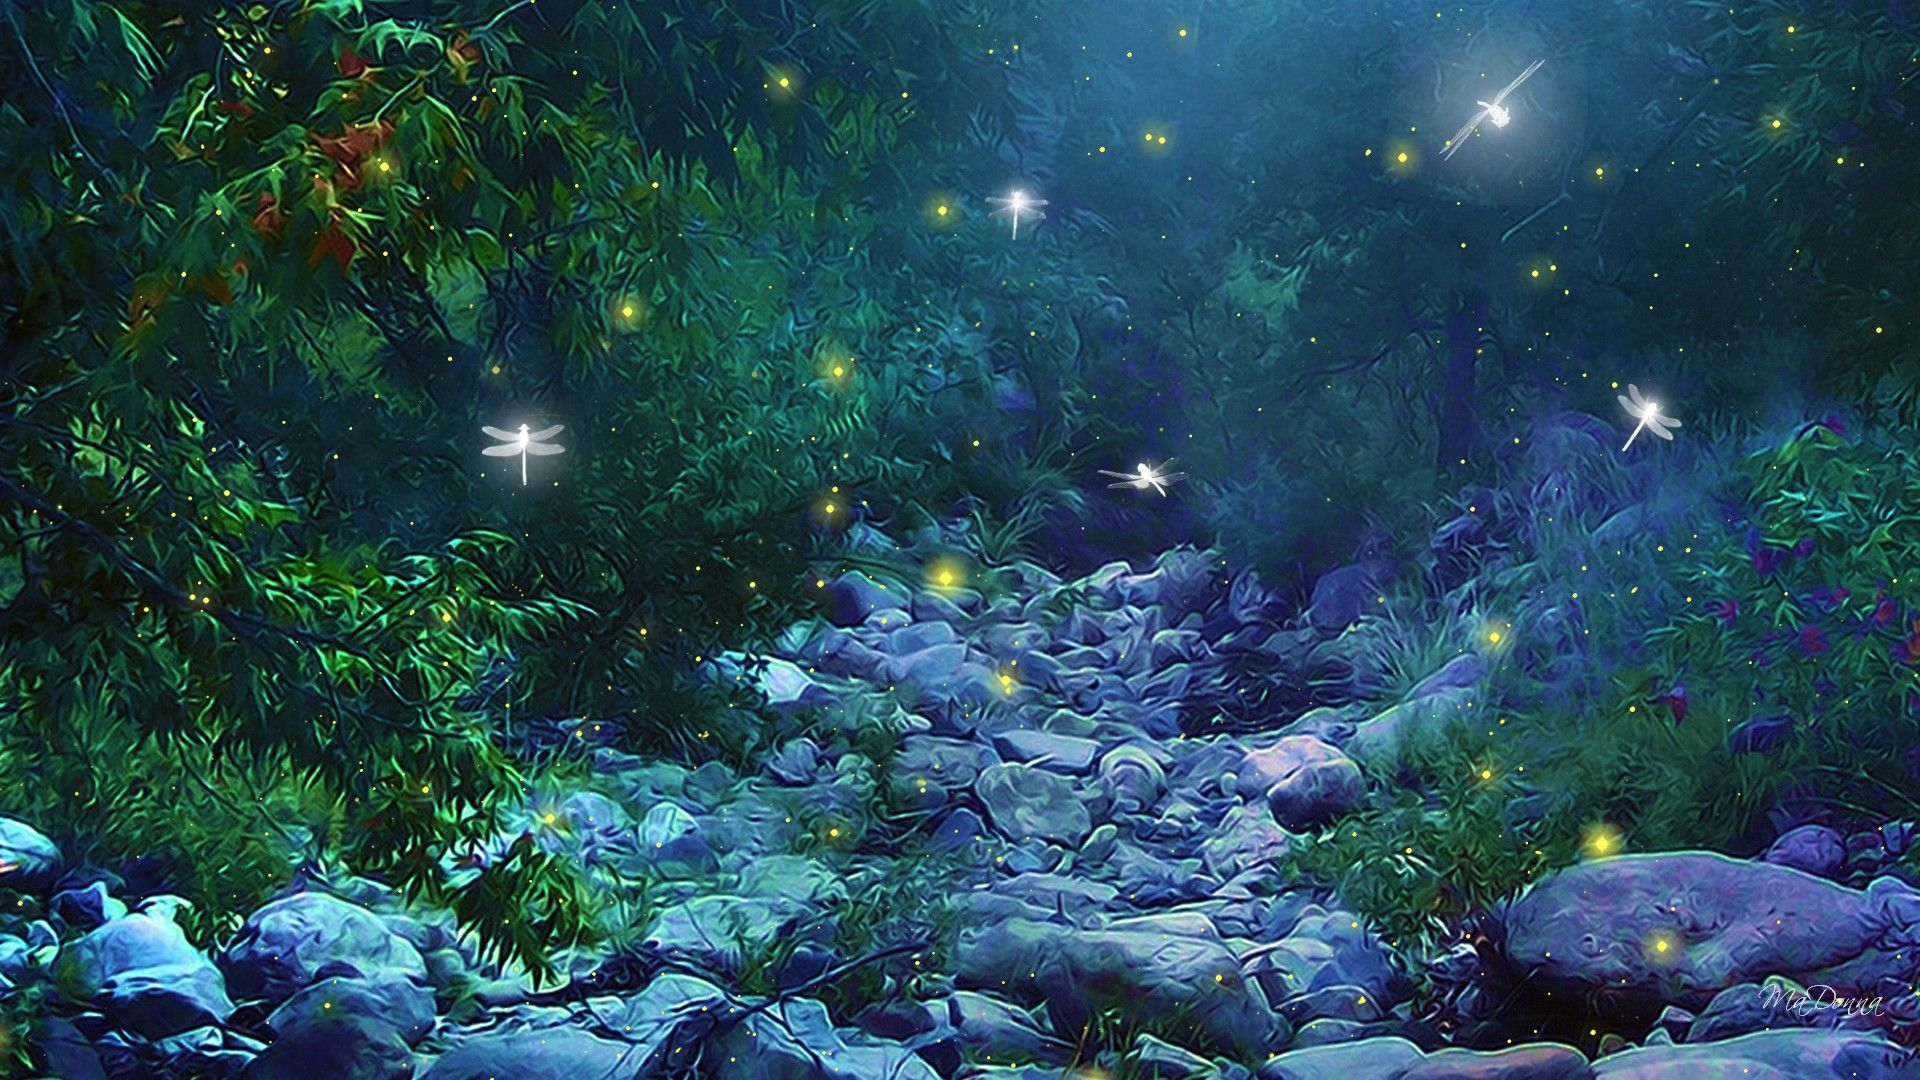 Fireflies Wallpaper Scenery Wallpaper Dragonfly Wallpaper Nature Art